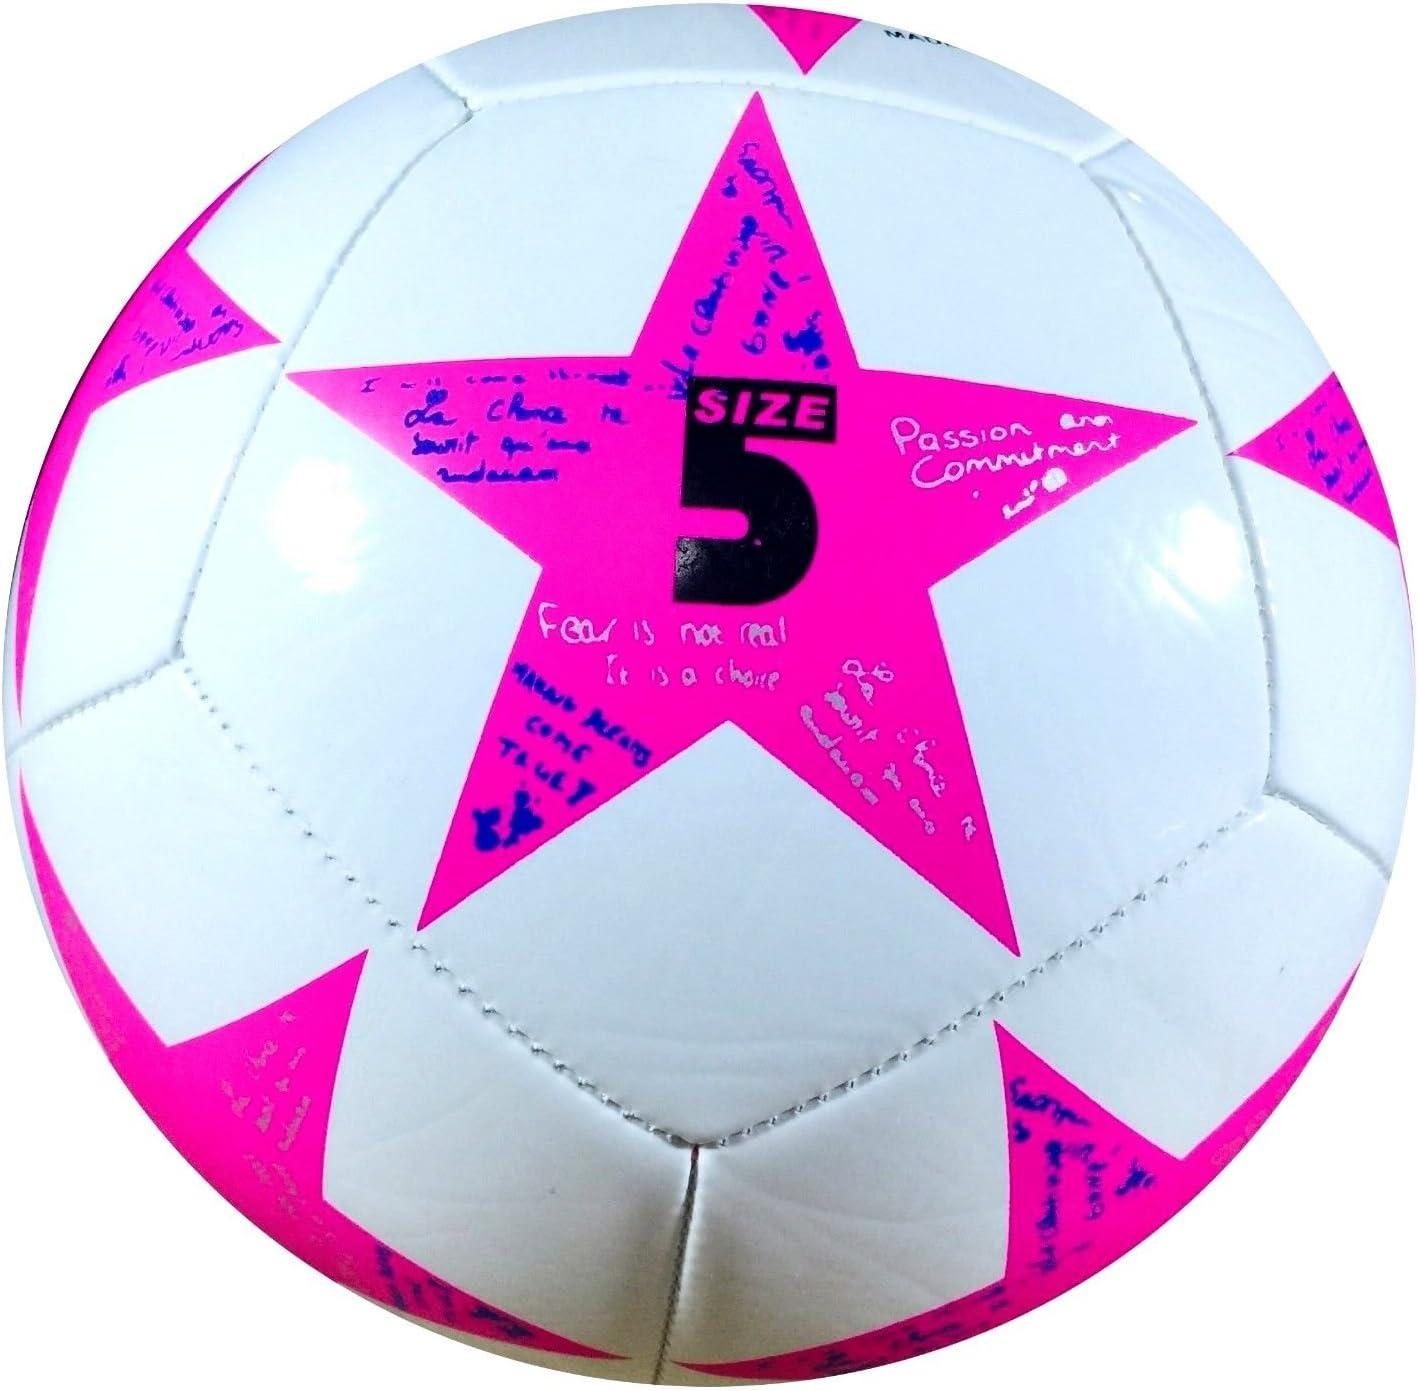 Champions League Finale de fútbol FIFA balón de fútbol (tamaño de ...